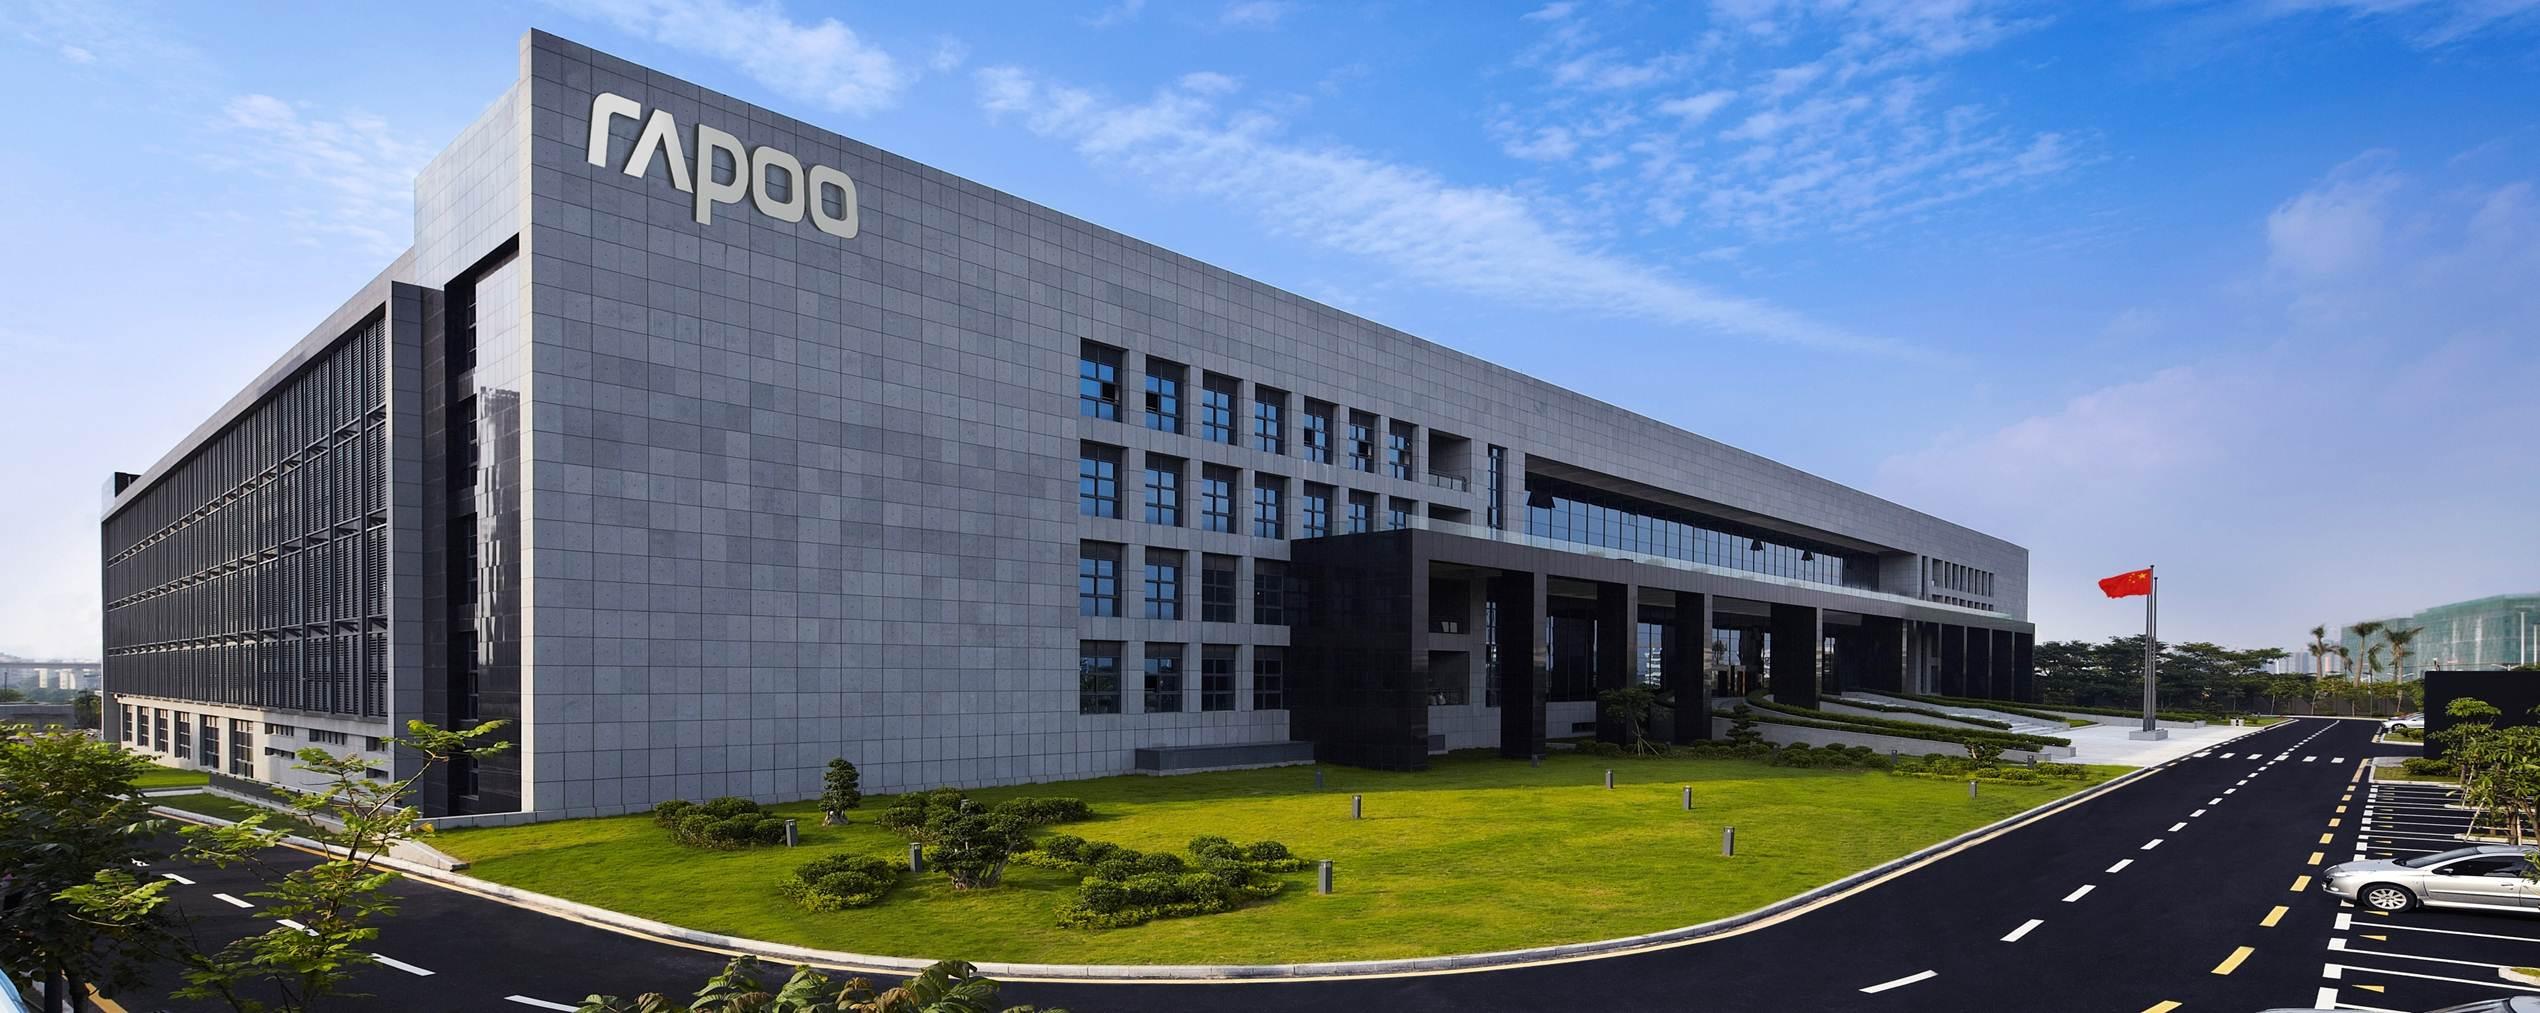 深圳雷柏科技股份有限公司的股票上市概况